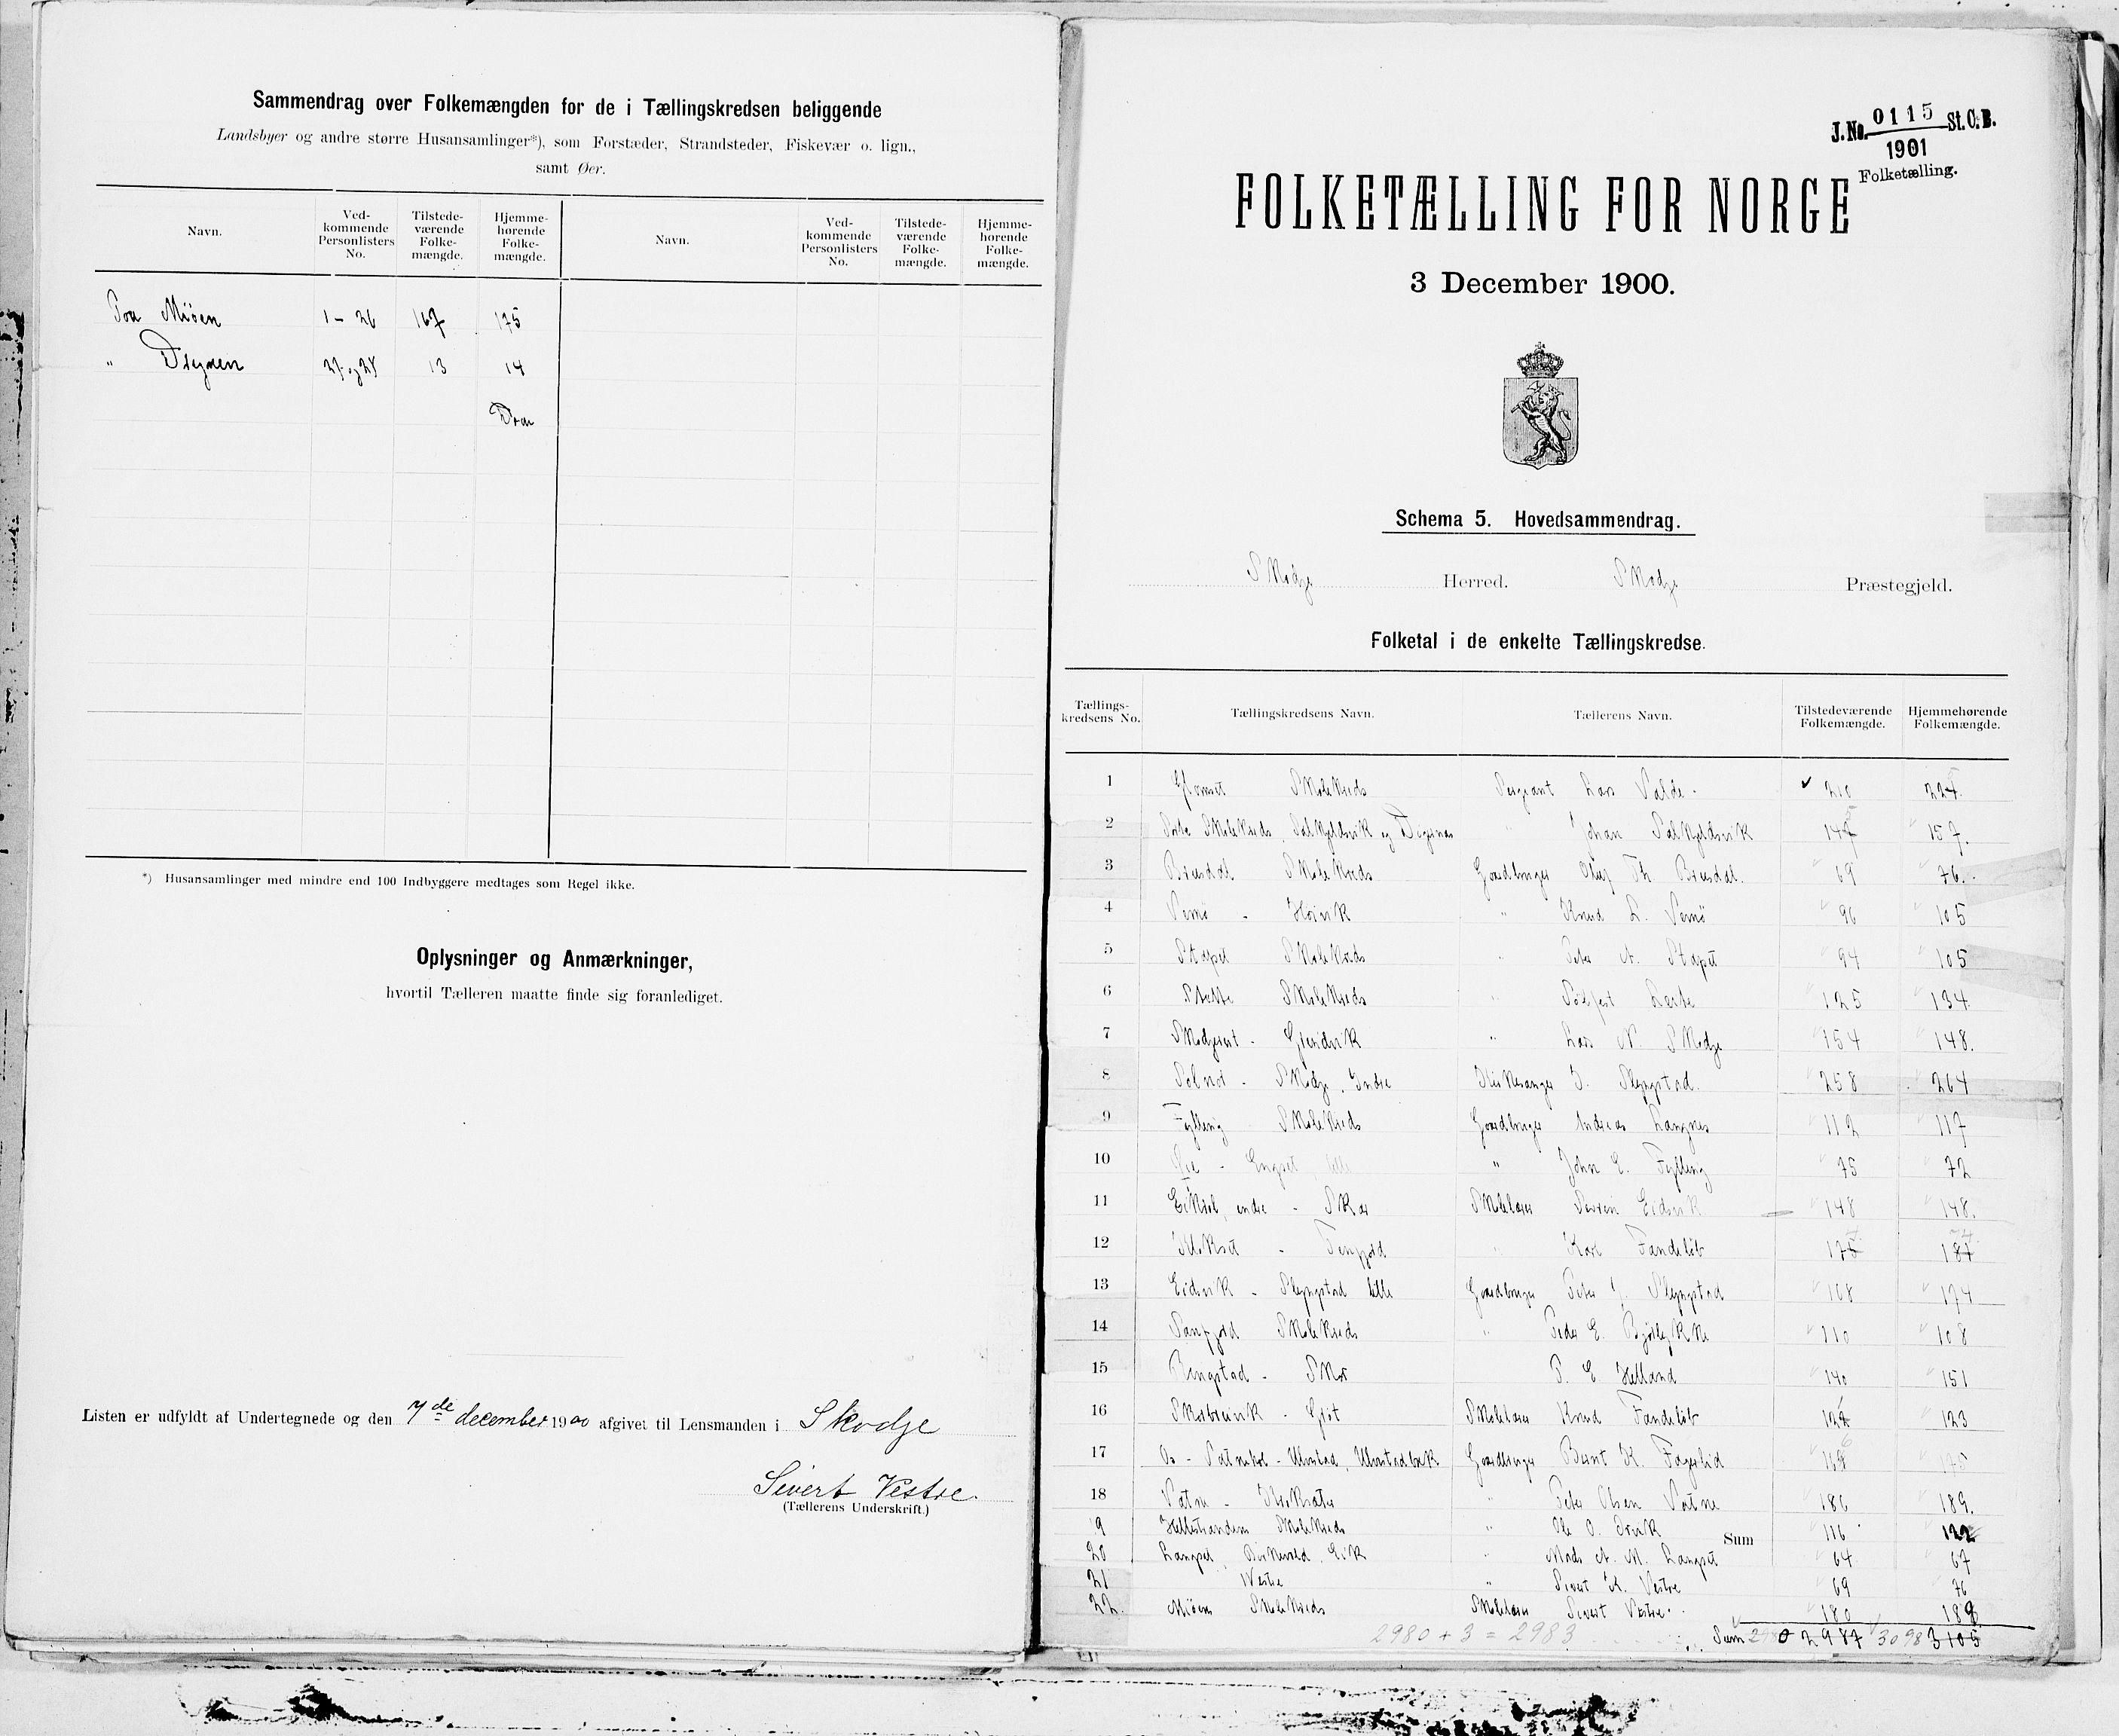 SAT, Folketelling 1900 for 1529 Skodje herred, 1900, s. 46